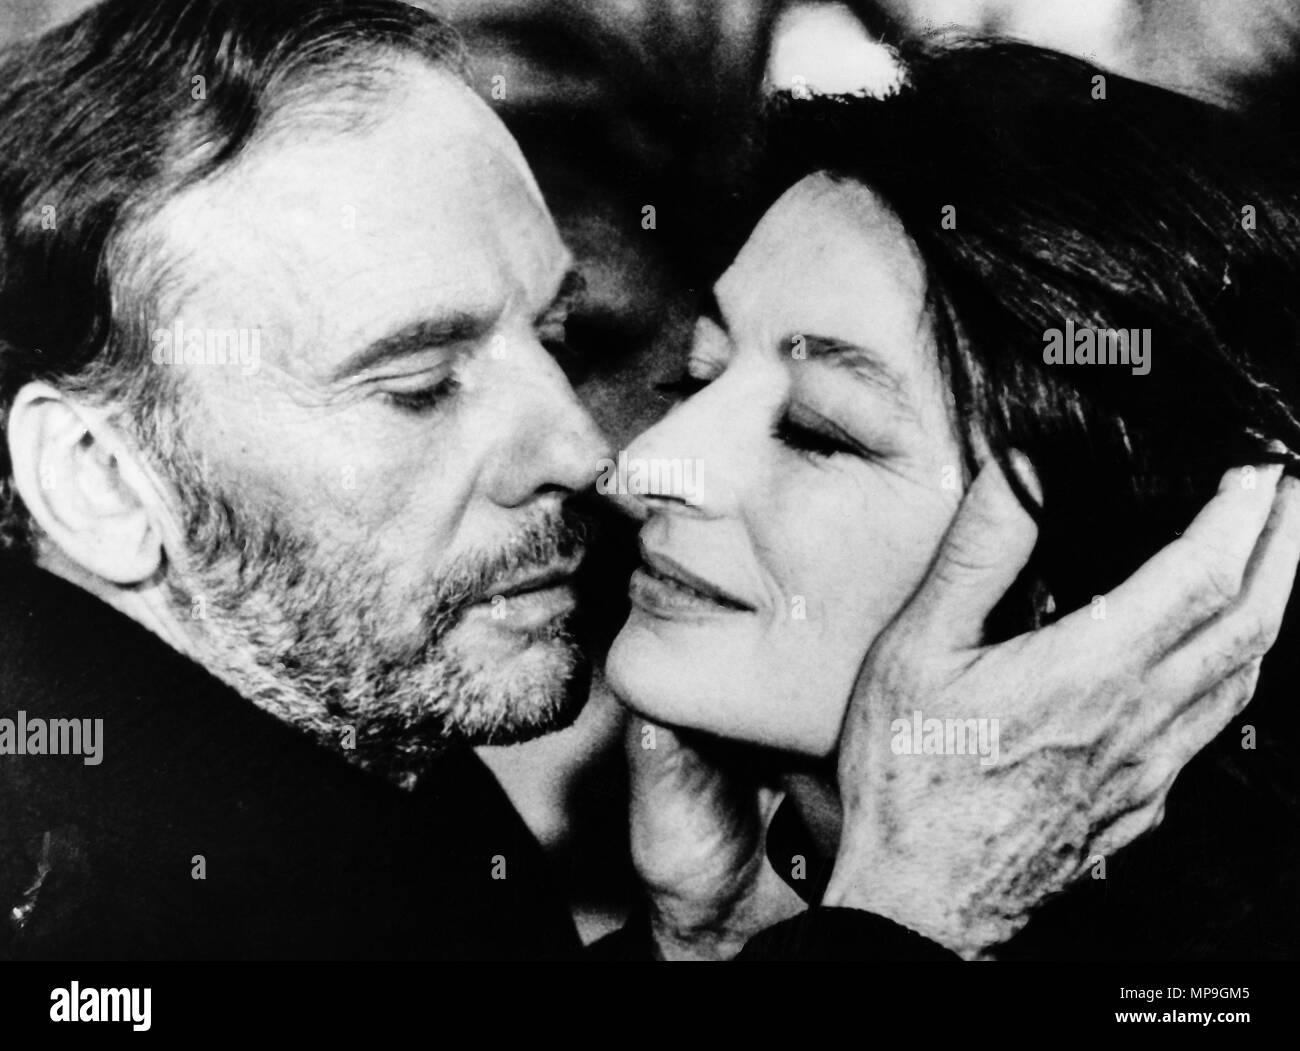 anouk aimee, jean louis trintignant, un uomo una donna oggi, 1986 - Stock Image